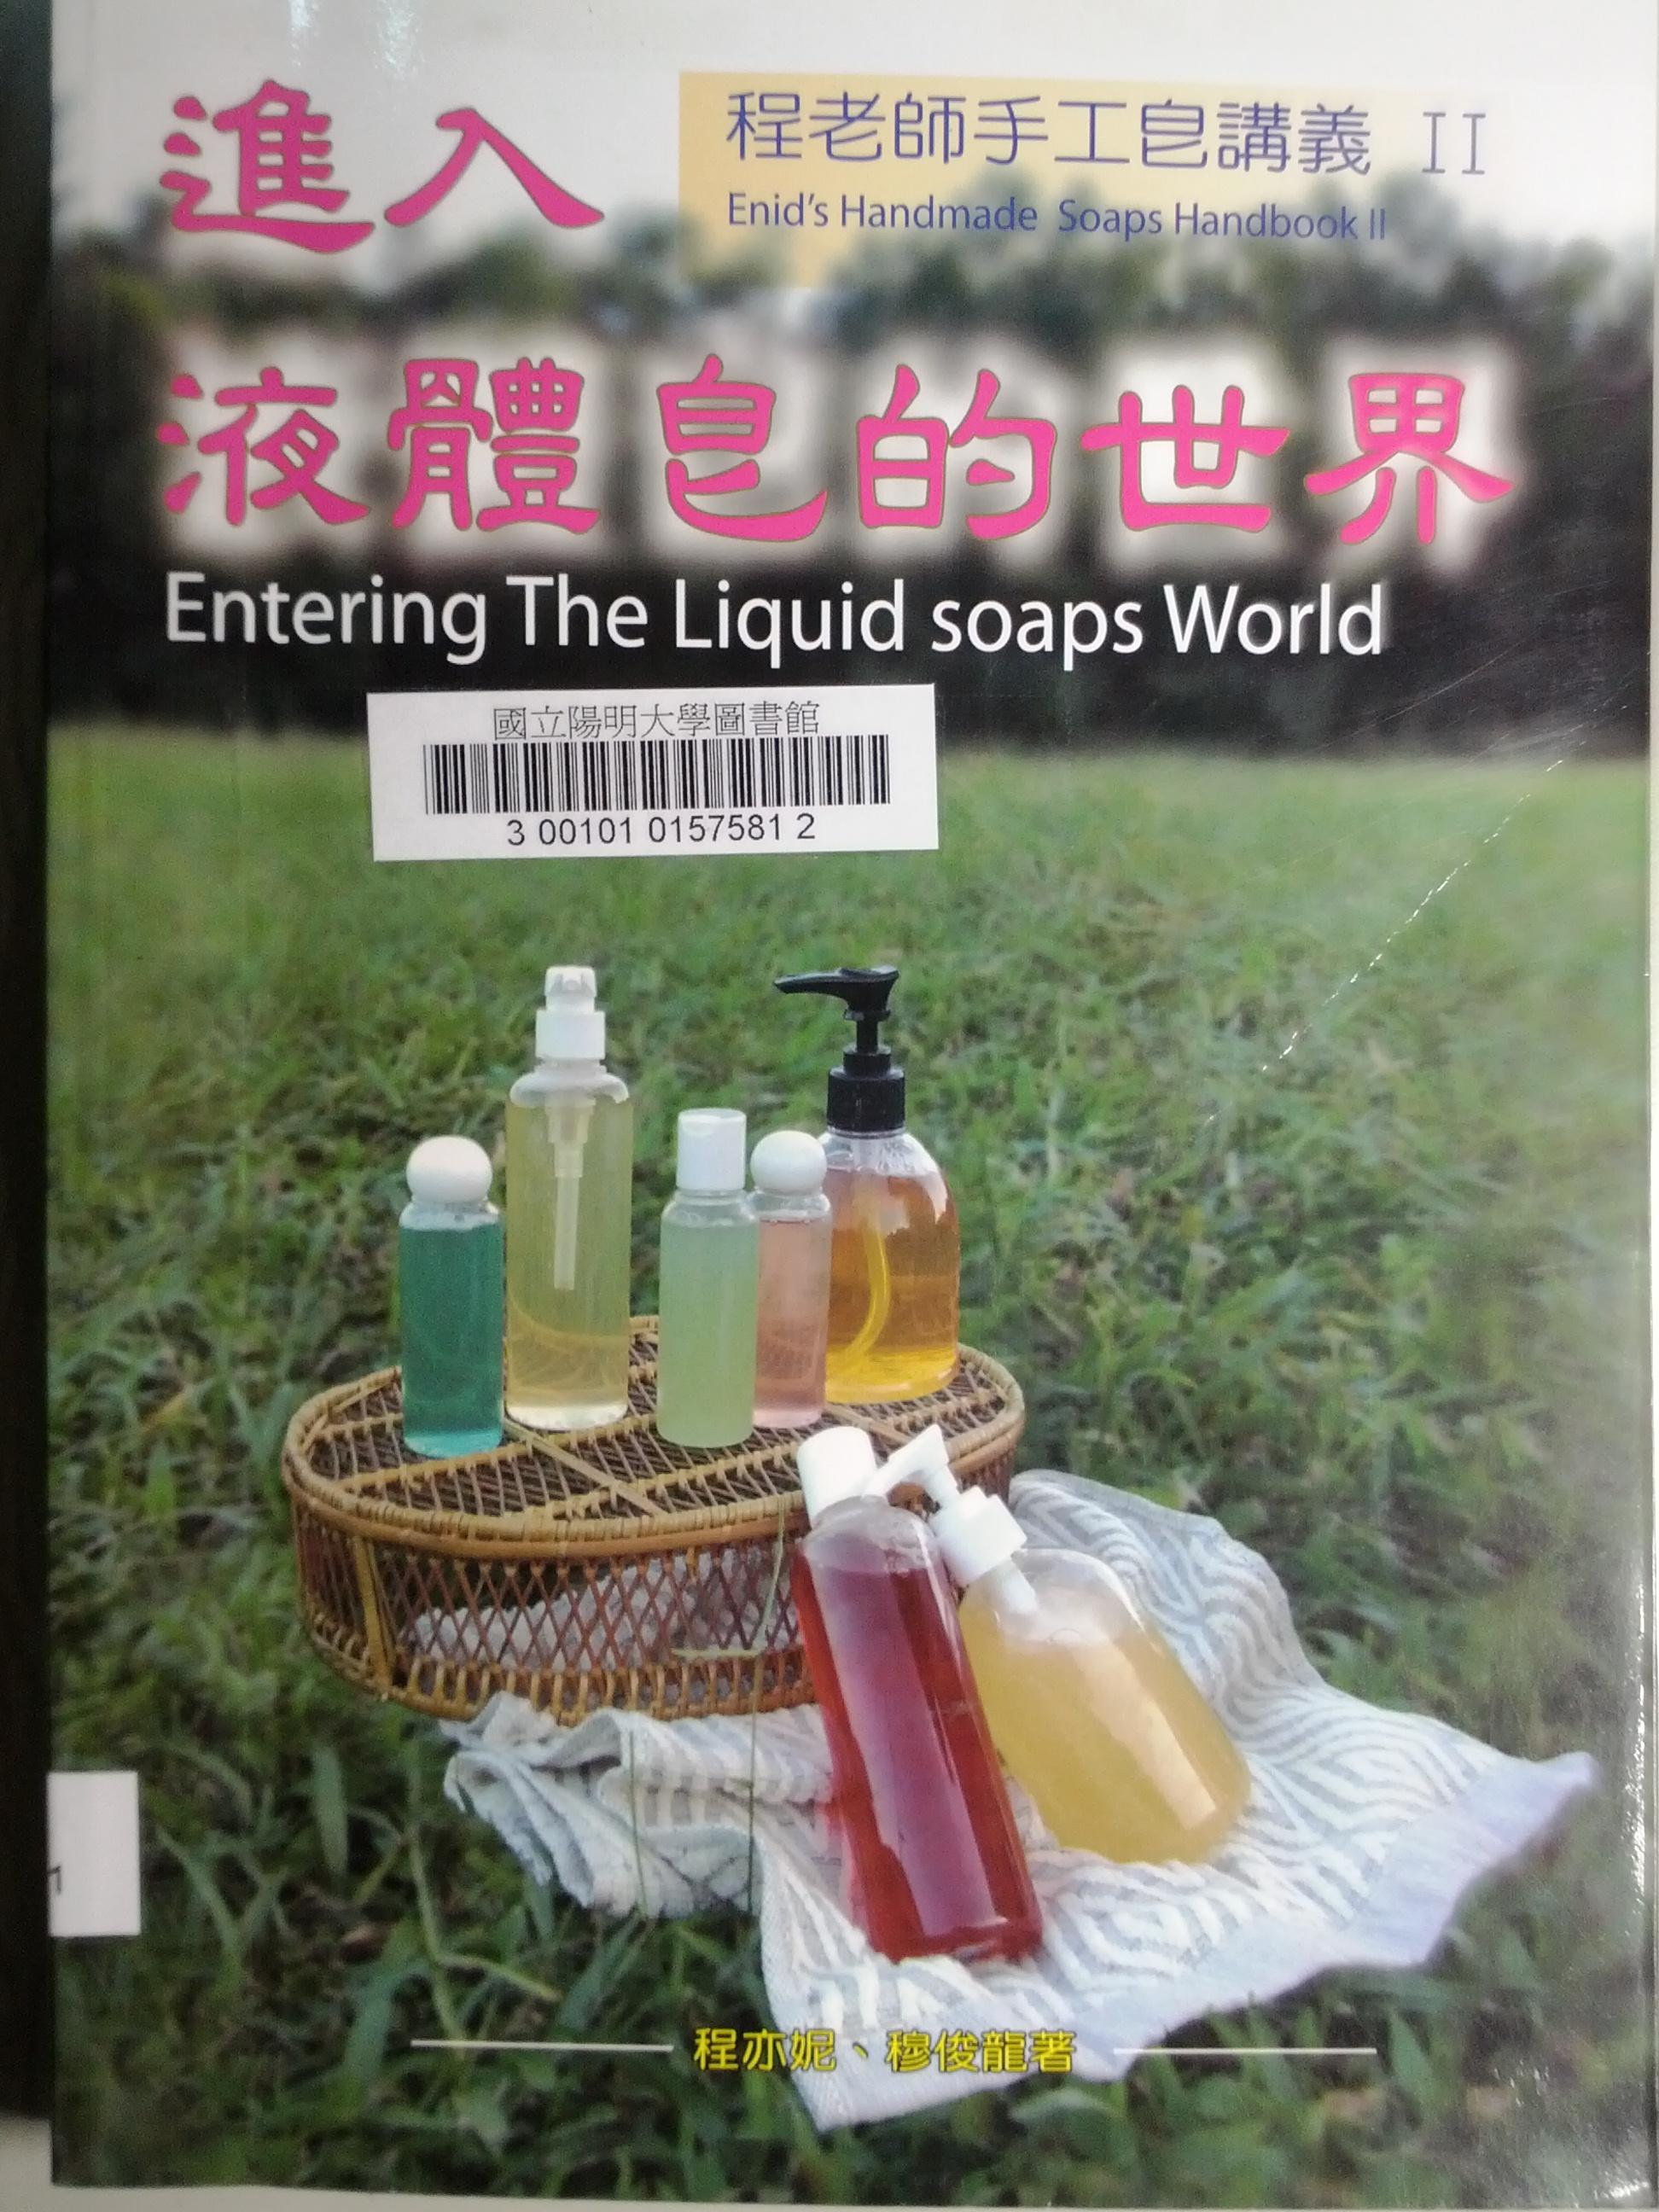 程老師手工皂講義II 進入液體皂的世界